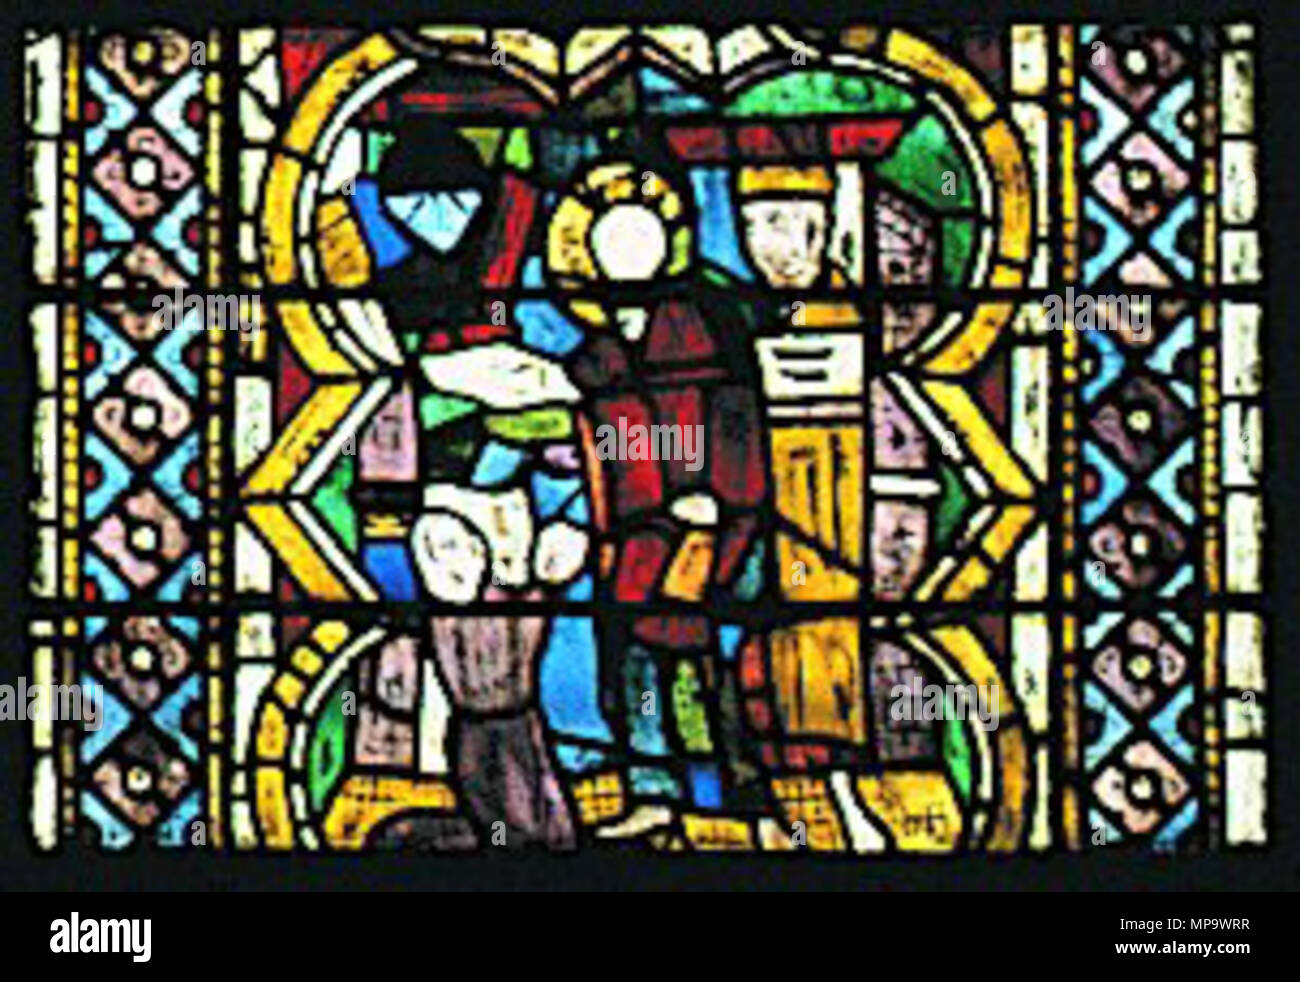 . Maestro di San Francesco, ss bartolomeo e matteo, S. Matteo salva gli uomini dalle molestie dei maghi . 13th century.   843 Maestro di San Francesco, ss bartolomeo e matteo, S. Matteo salva gli uomini dalle molestie dei maghi Stock Photo